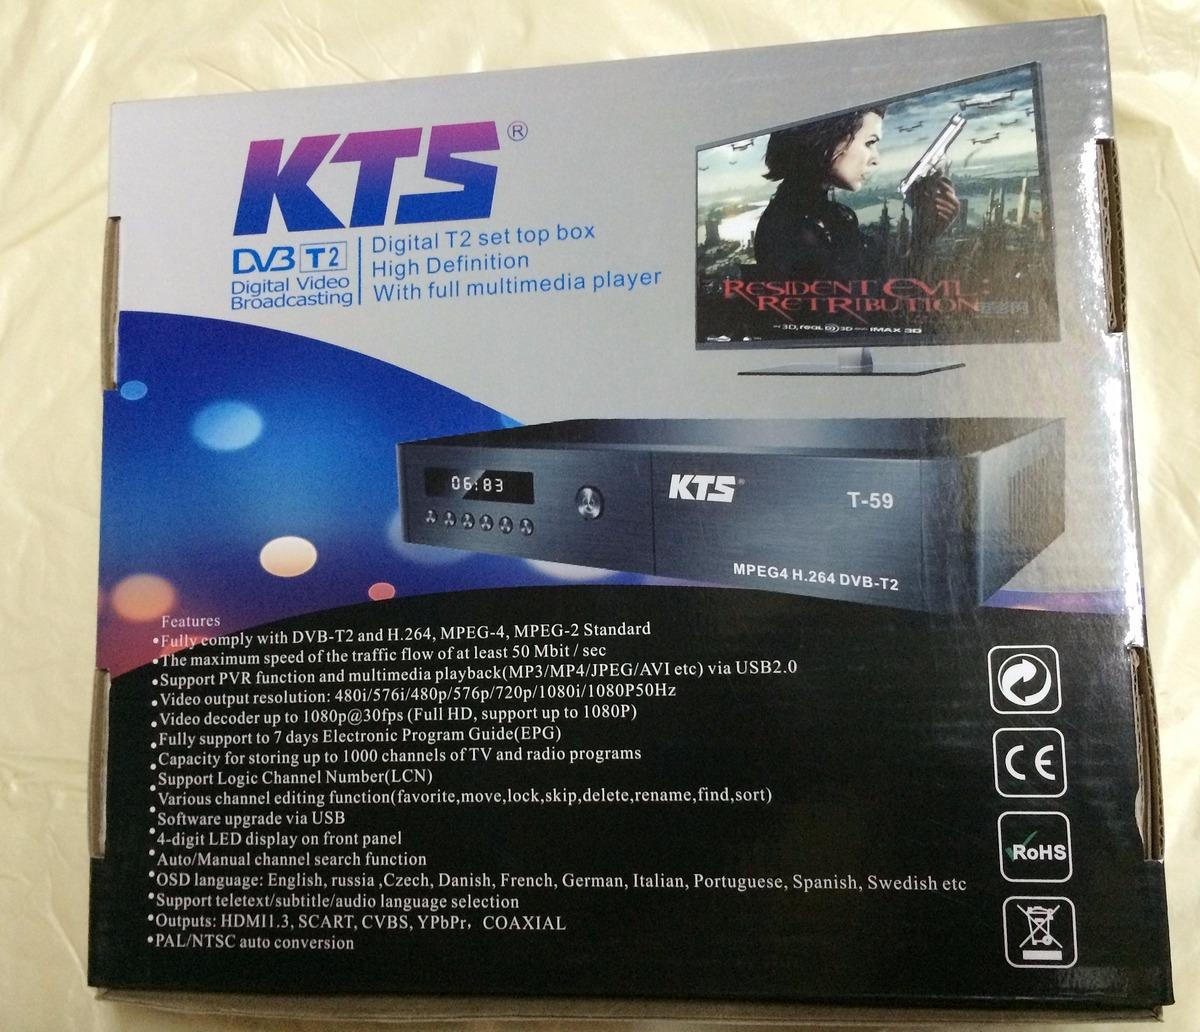 """[Review vui] Đầu thu DVB-T2 tàu khựa - Của """"rẻ"""" nhưng có """"ôi""""?! 201674821d63-5844-4114-895e-db100a743687"""